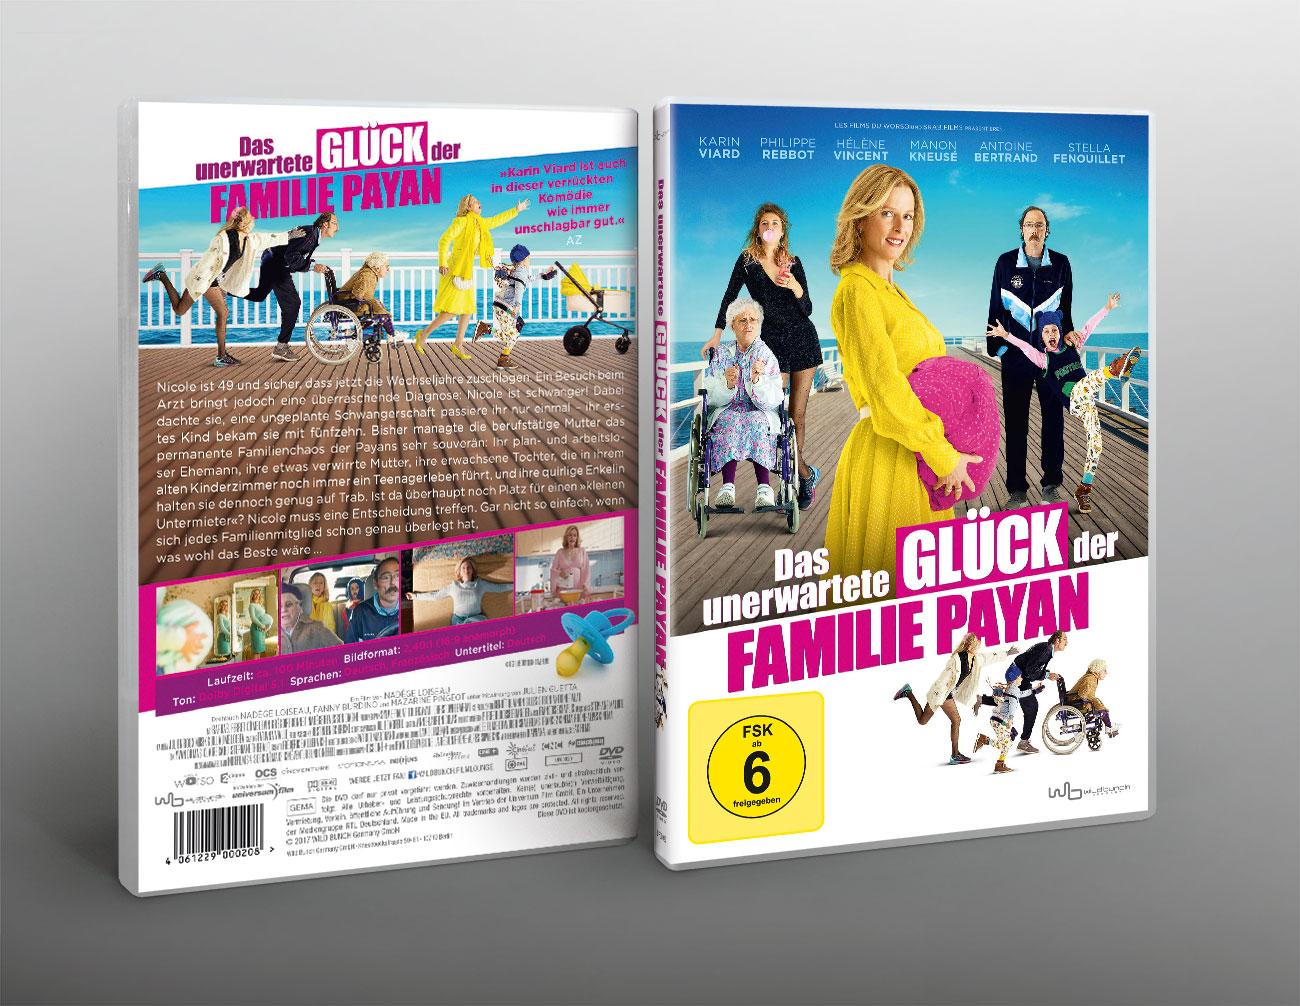 Das unerwartete Glück der Familie Payan Film Kinoplakat Wildbunch